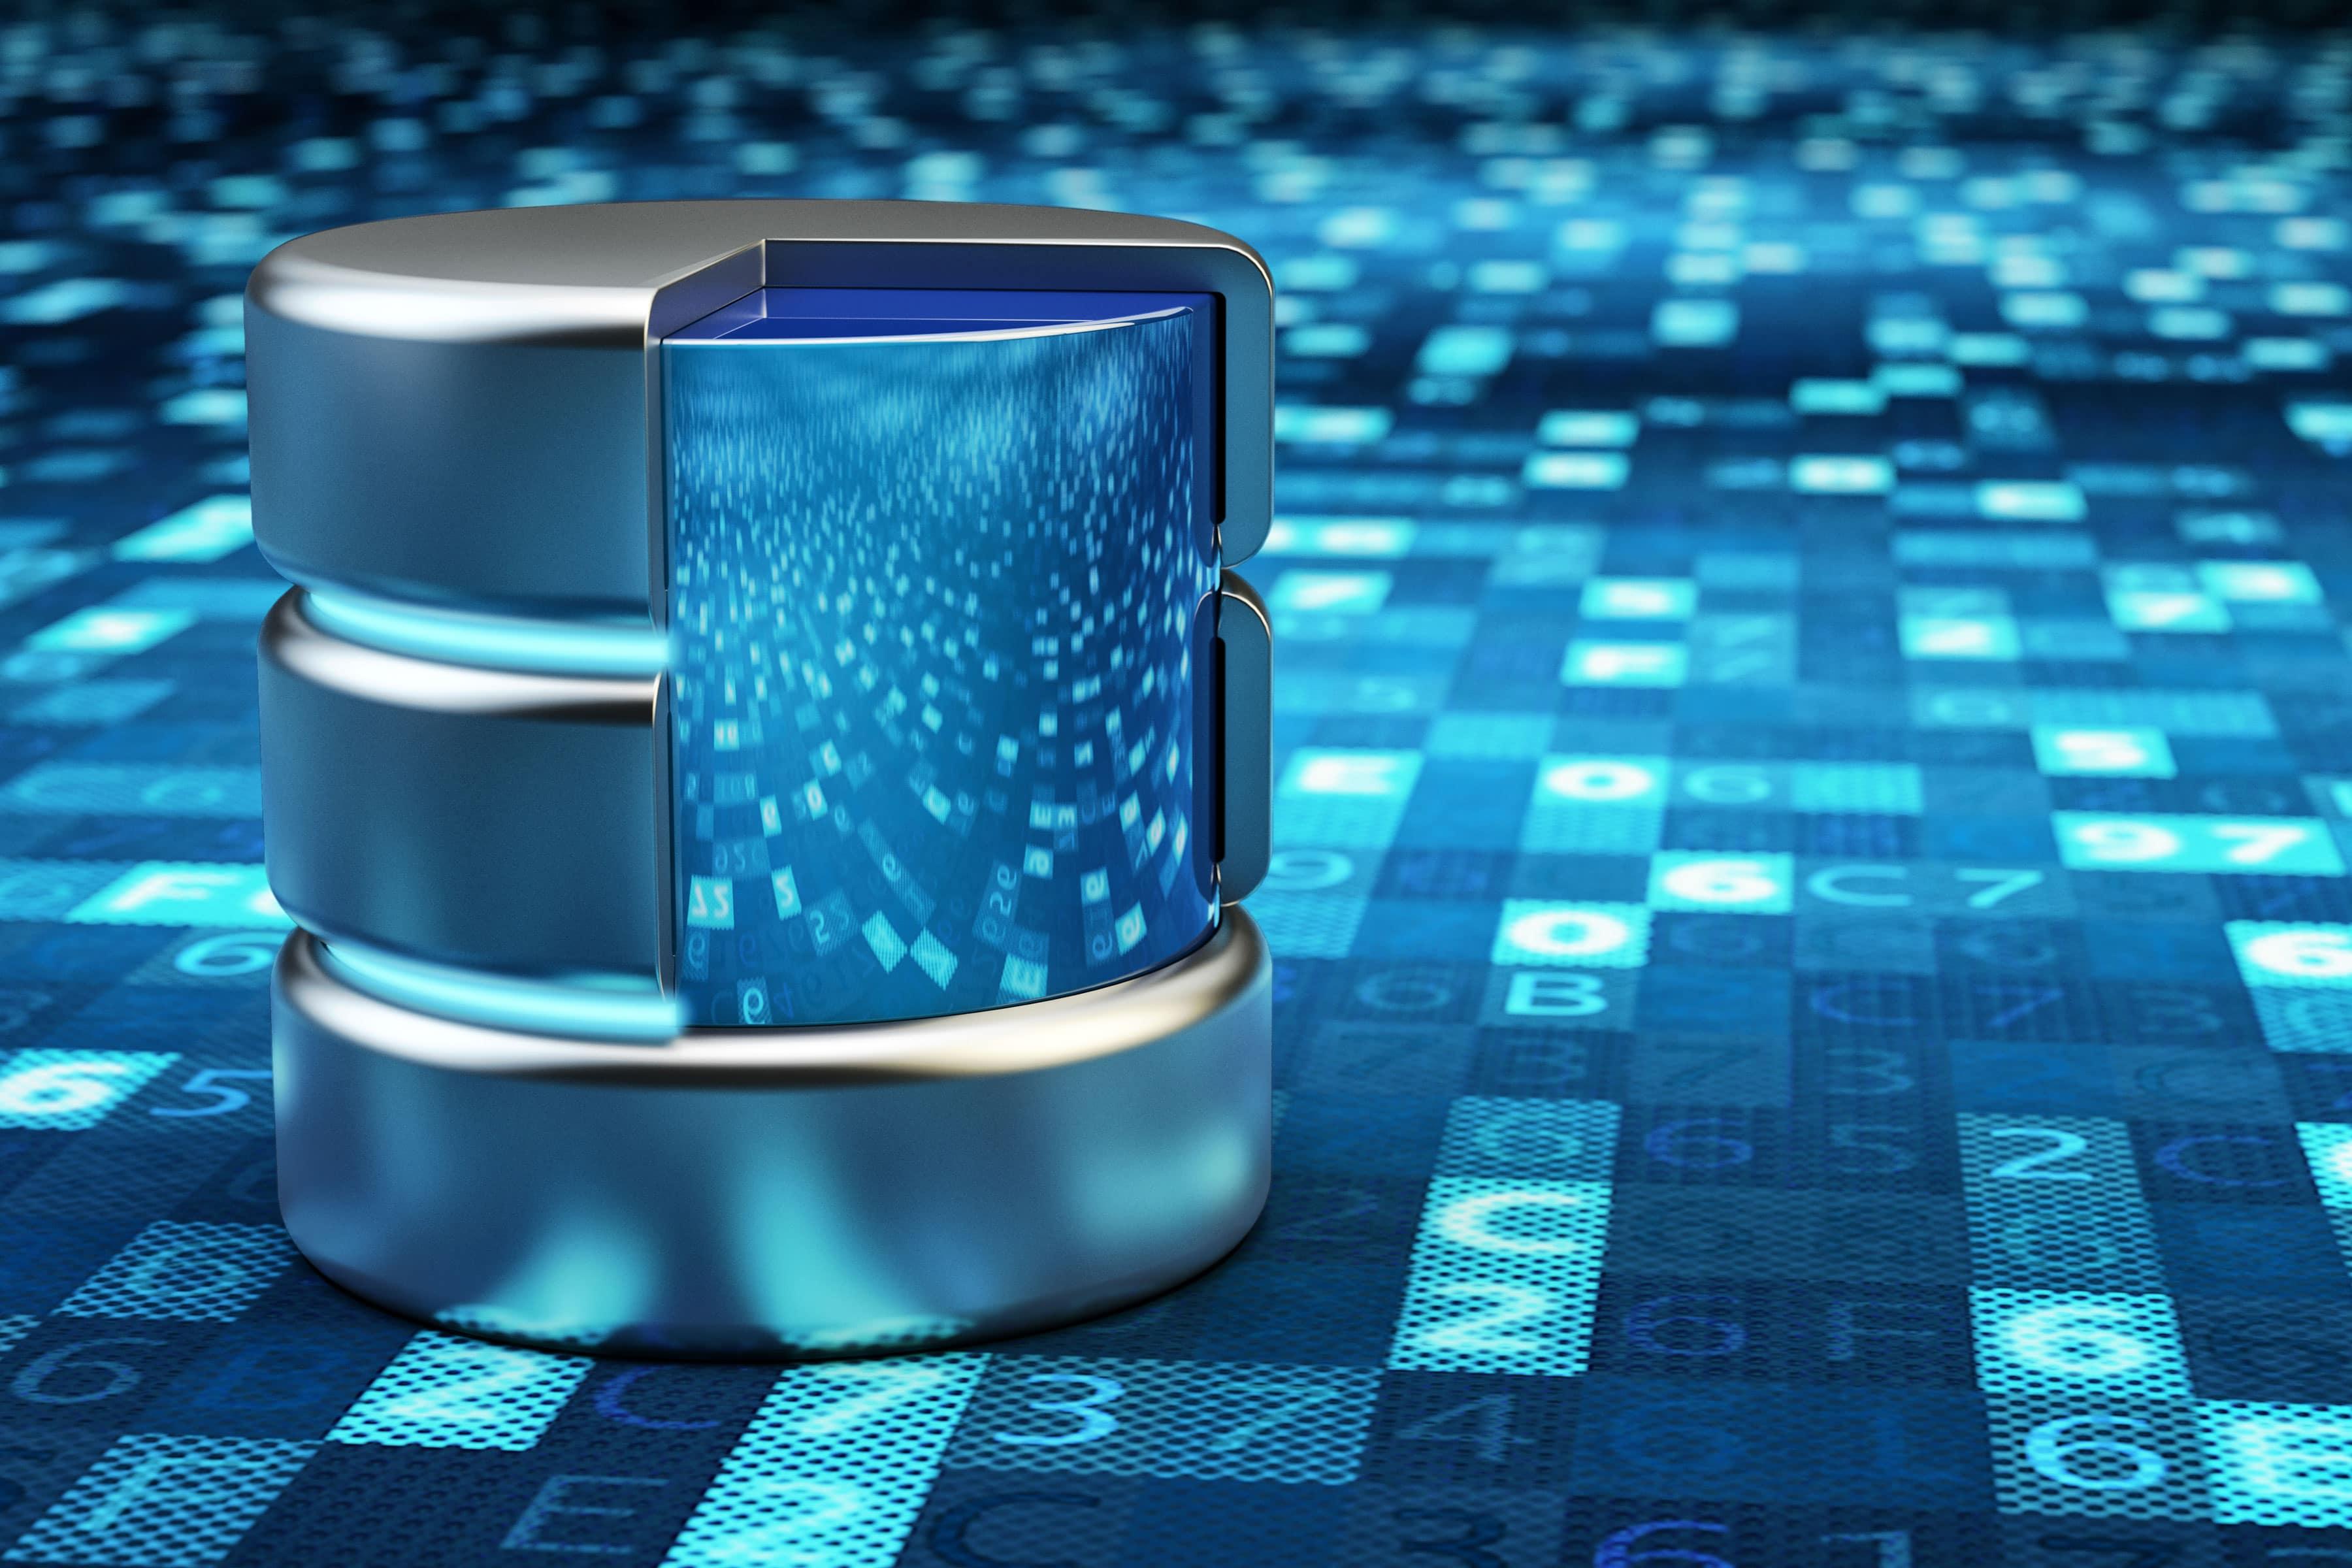 Perchè il Data Warehouse è importante - Cos'è la Data Science